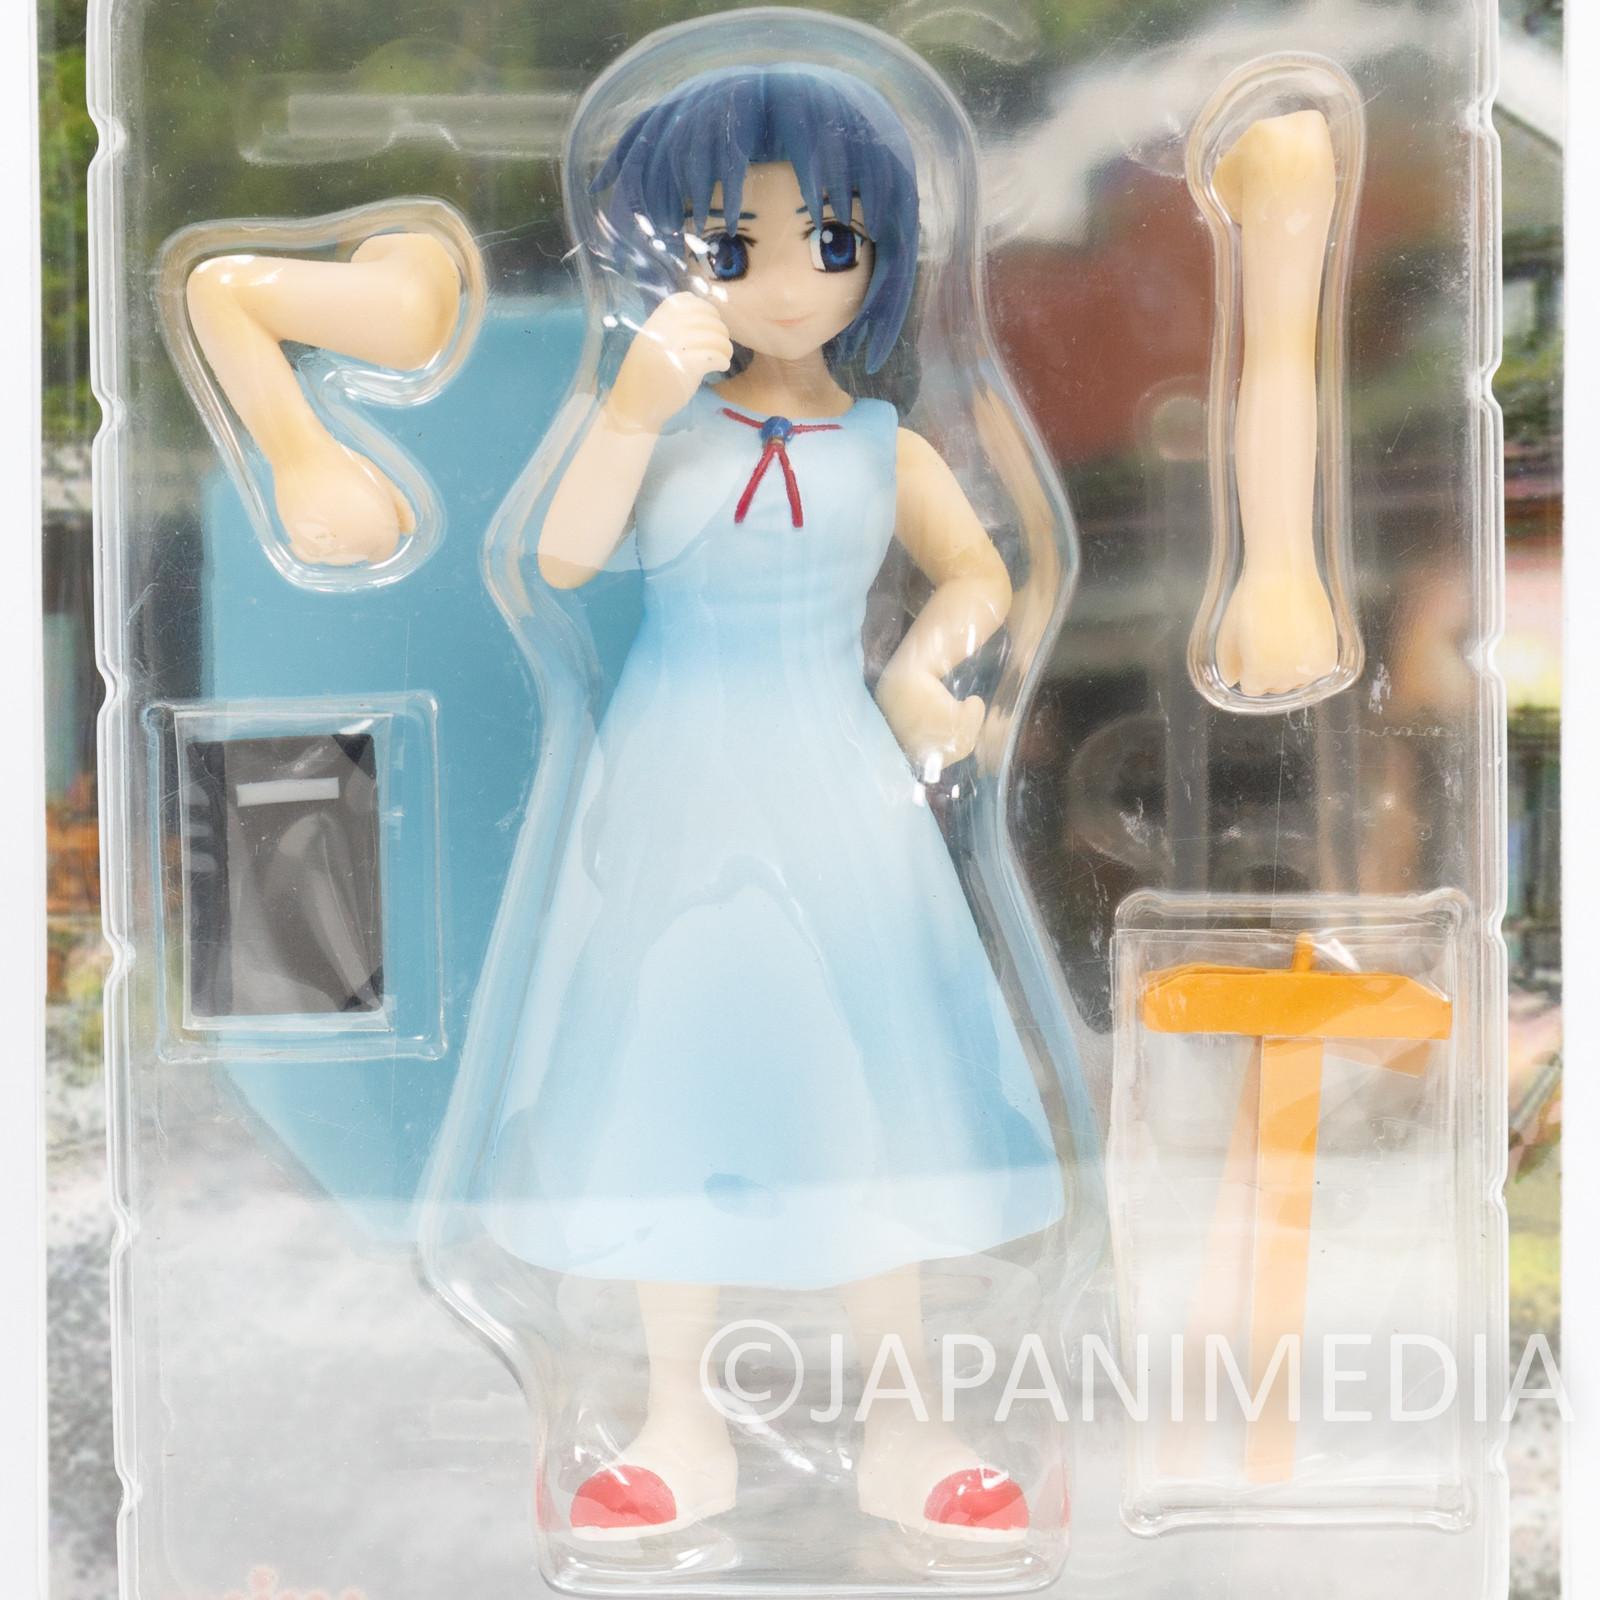 When They Cry Rumiko Chie Figure SRDX Higurashi no Naku Koro ni